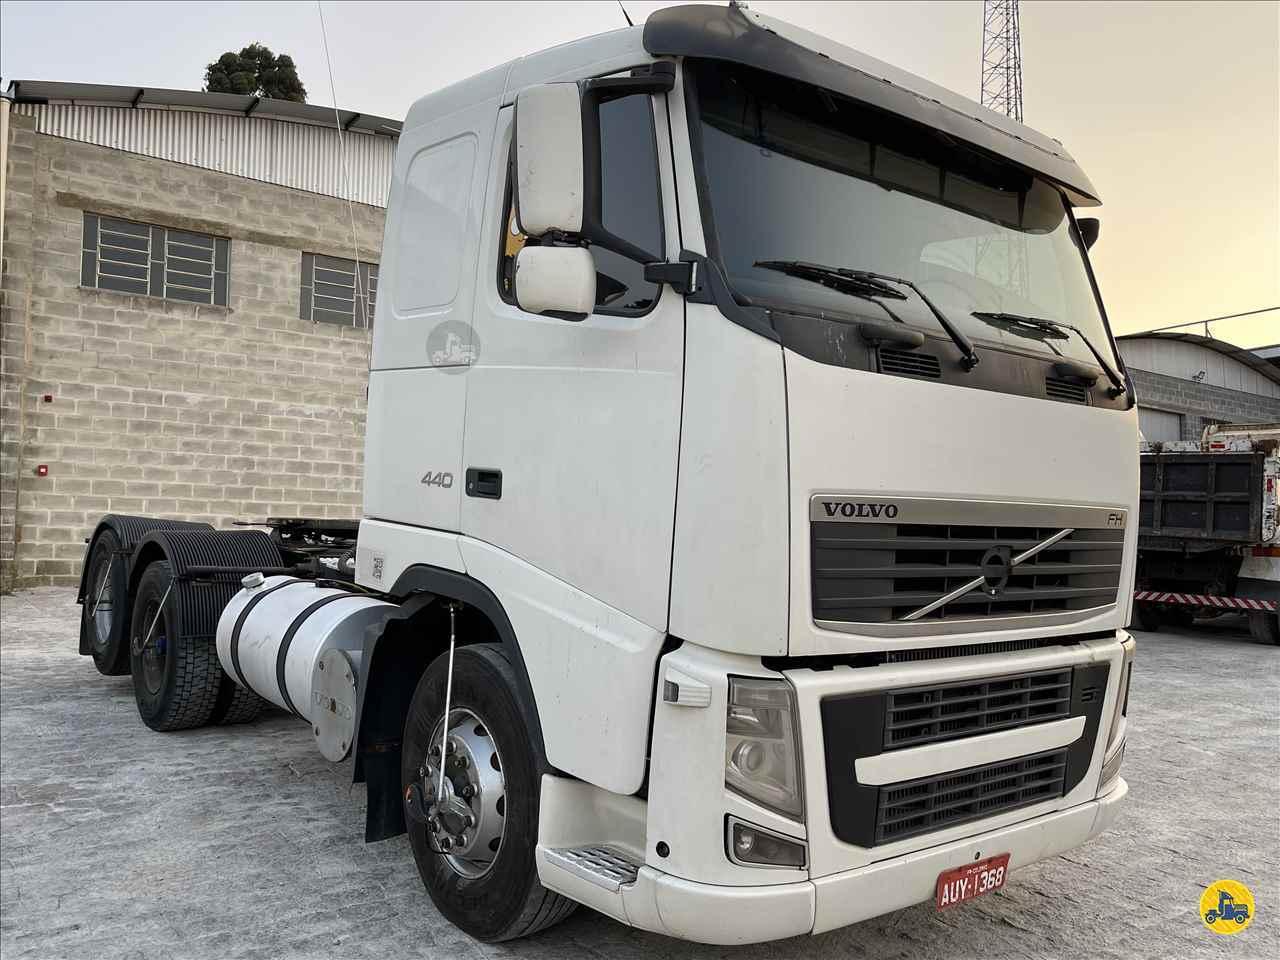 CAMINHAO VOLVO VOLVO FH 440 Cavalo Mecânico Truck 6x2 Rodricardo Caminhões COLOMBO PARANÁ PR